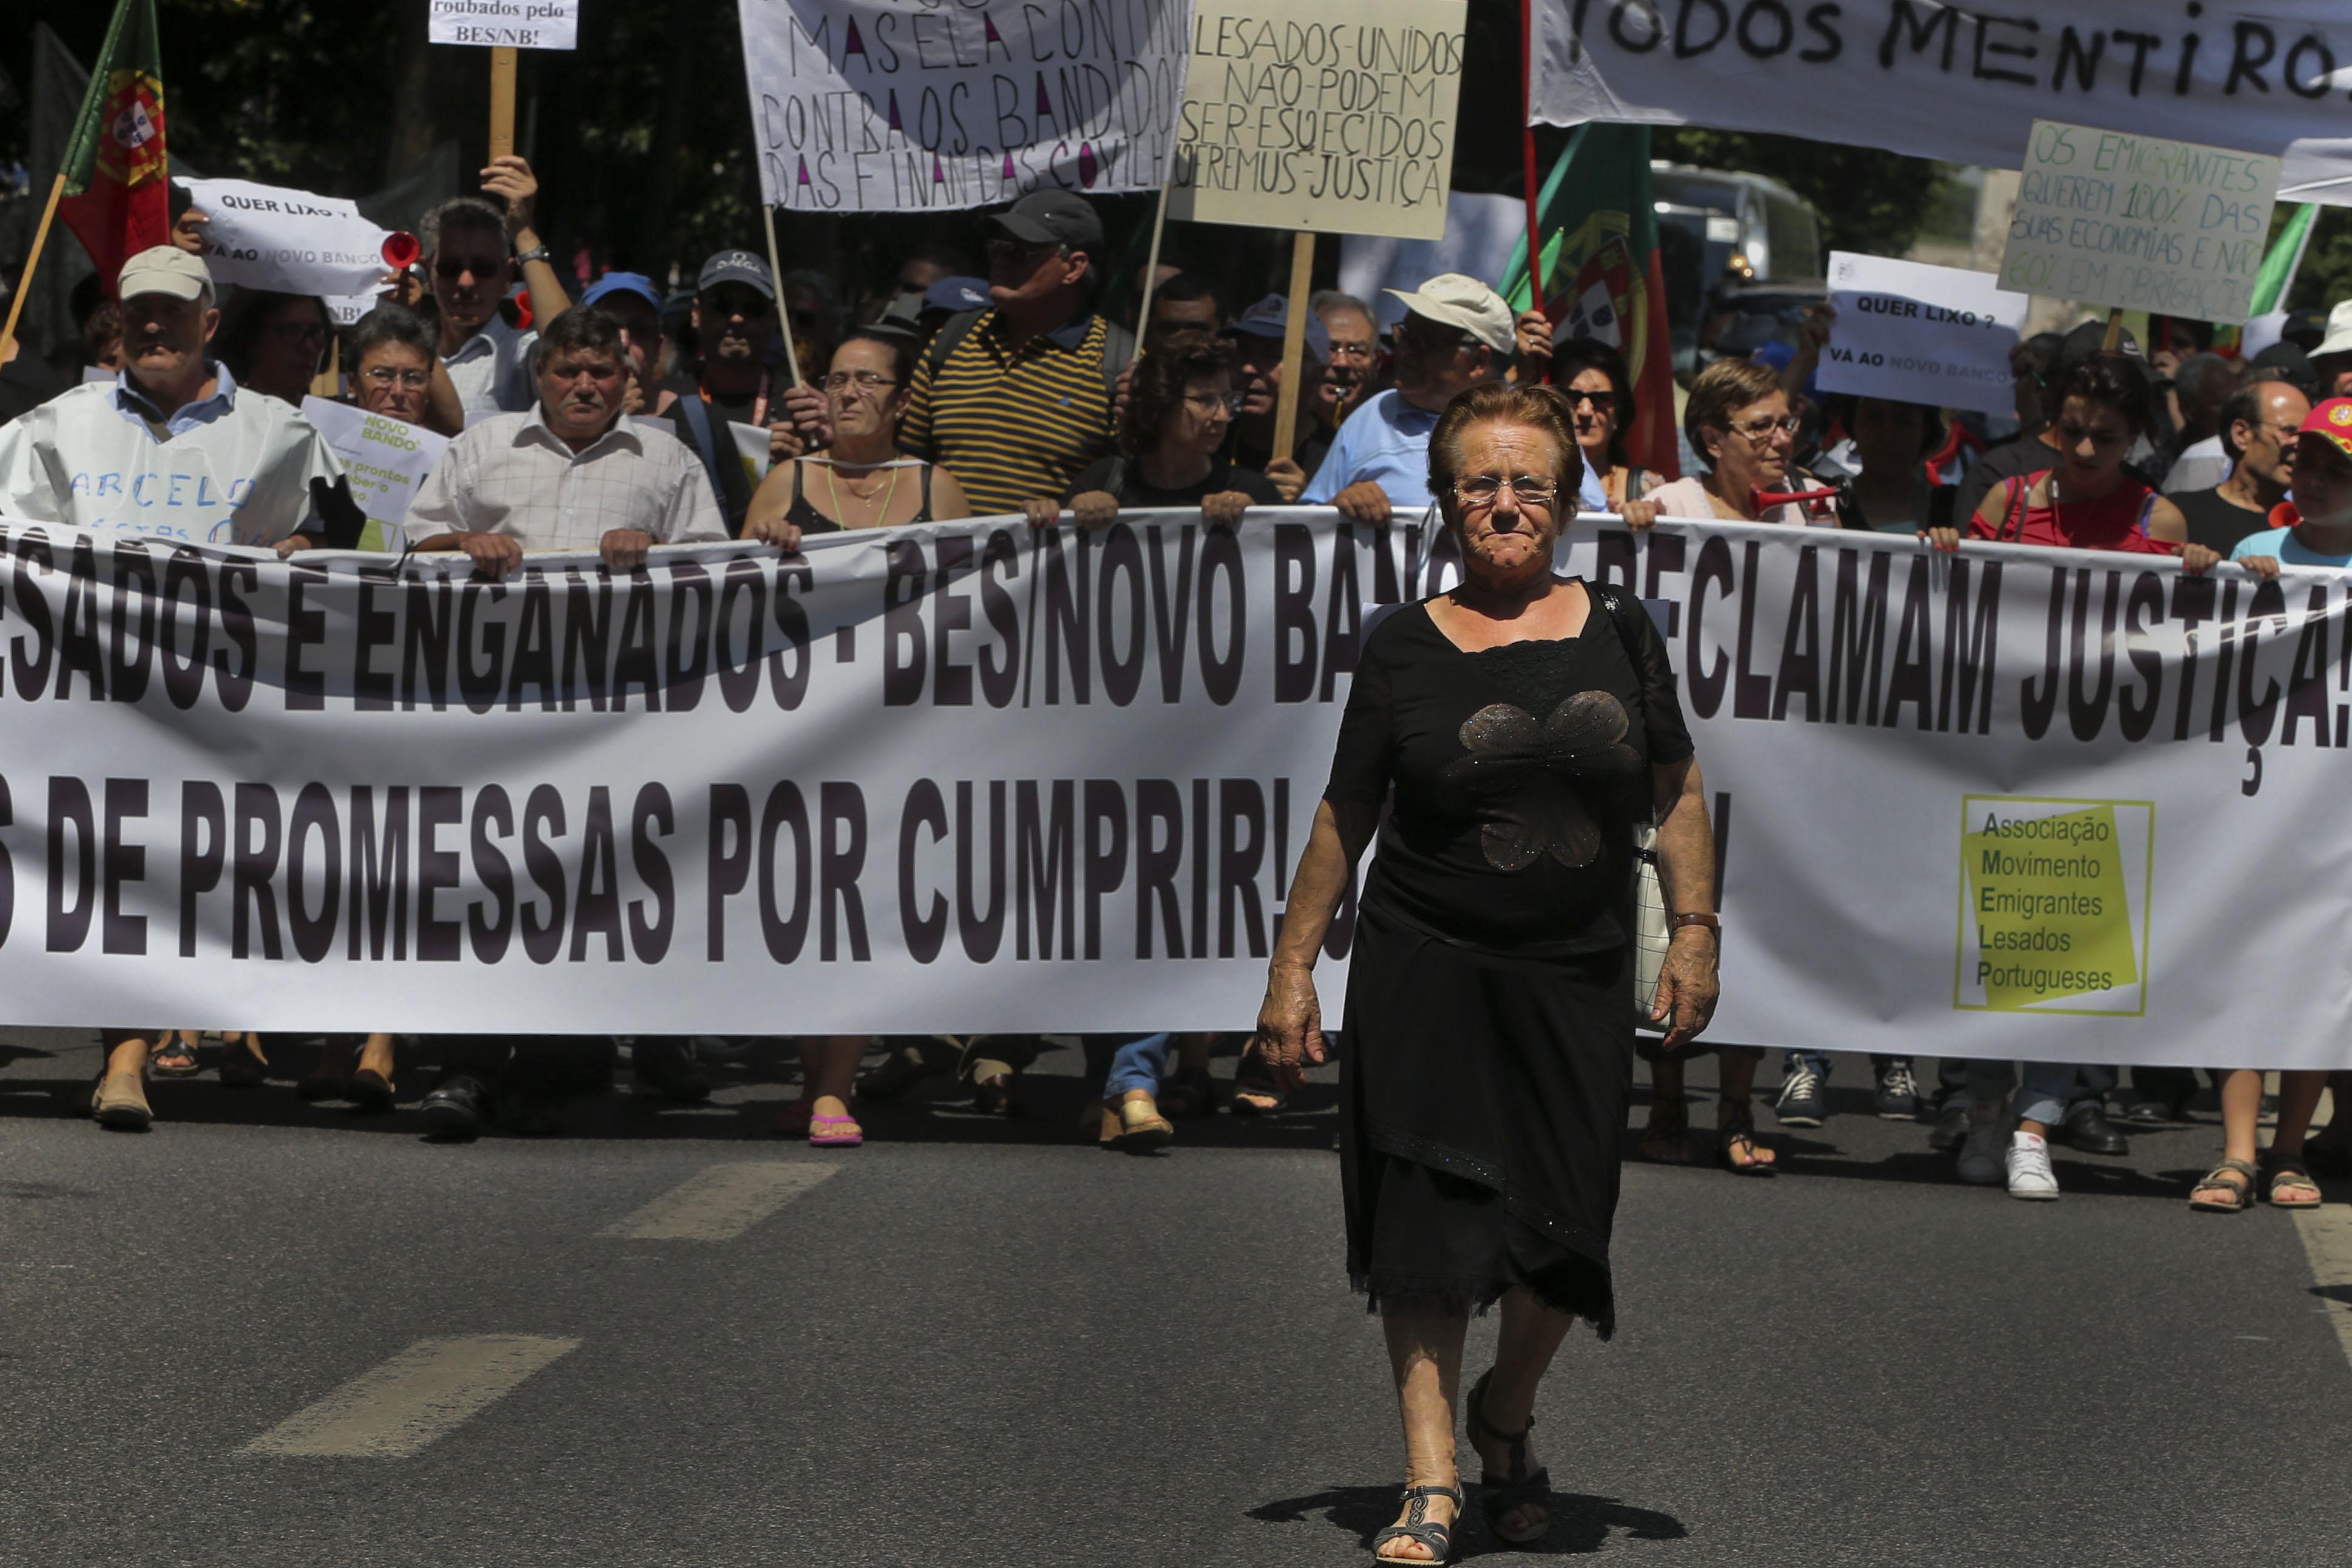 Manifestação de lesados do Banco Espírito Santo (BES).